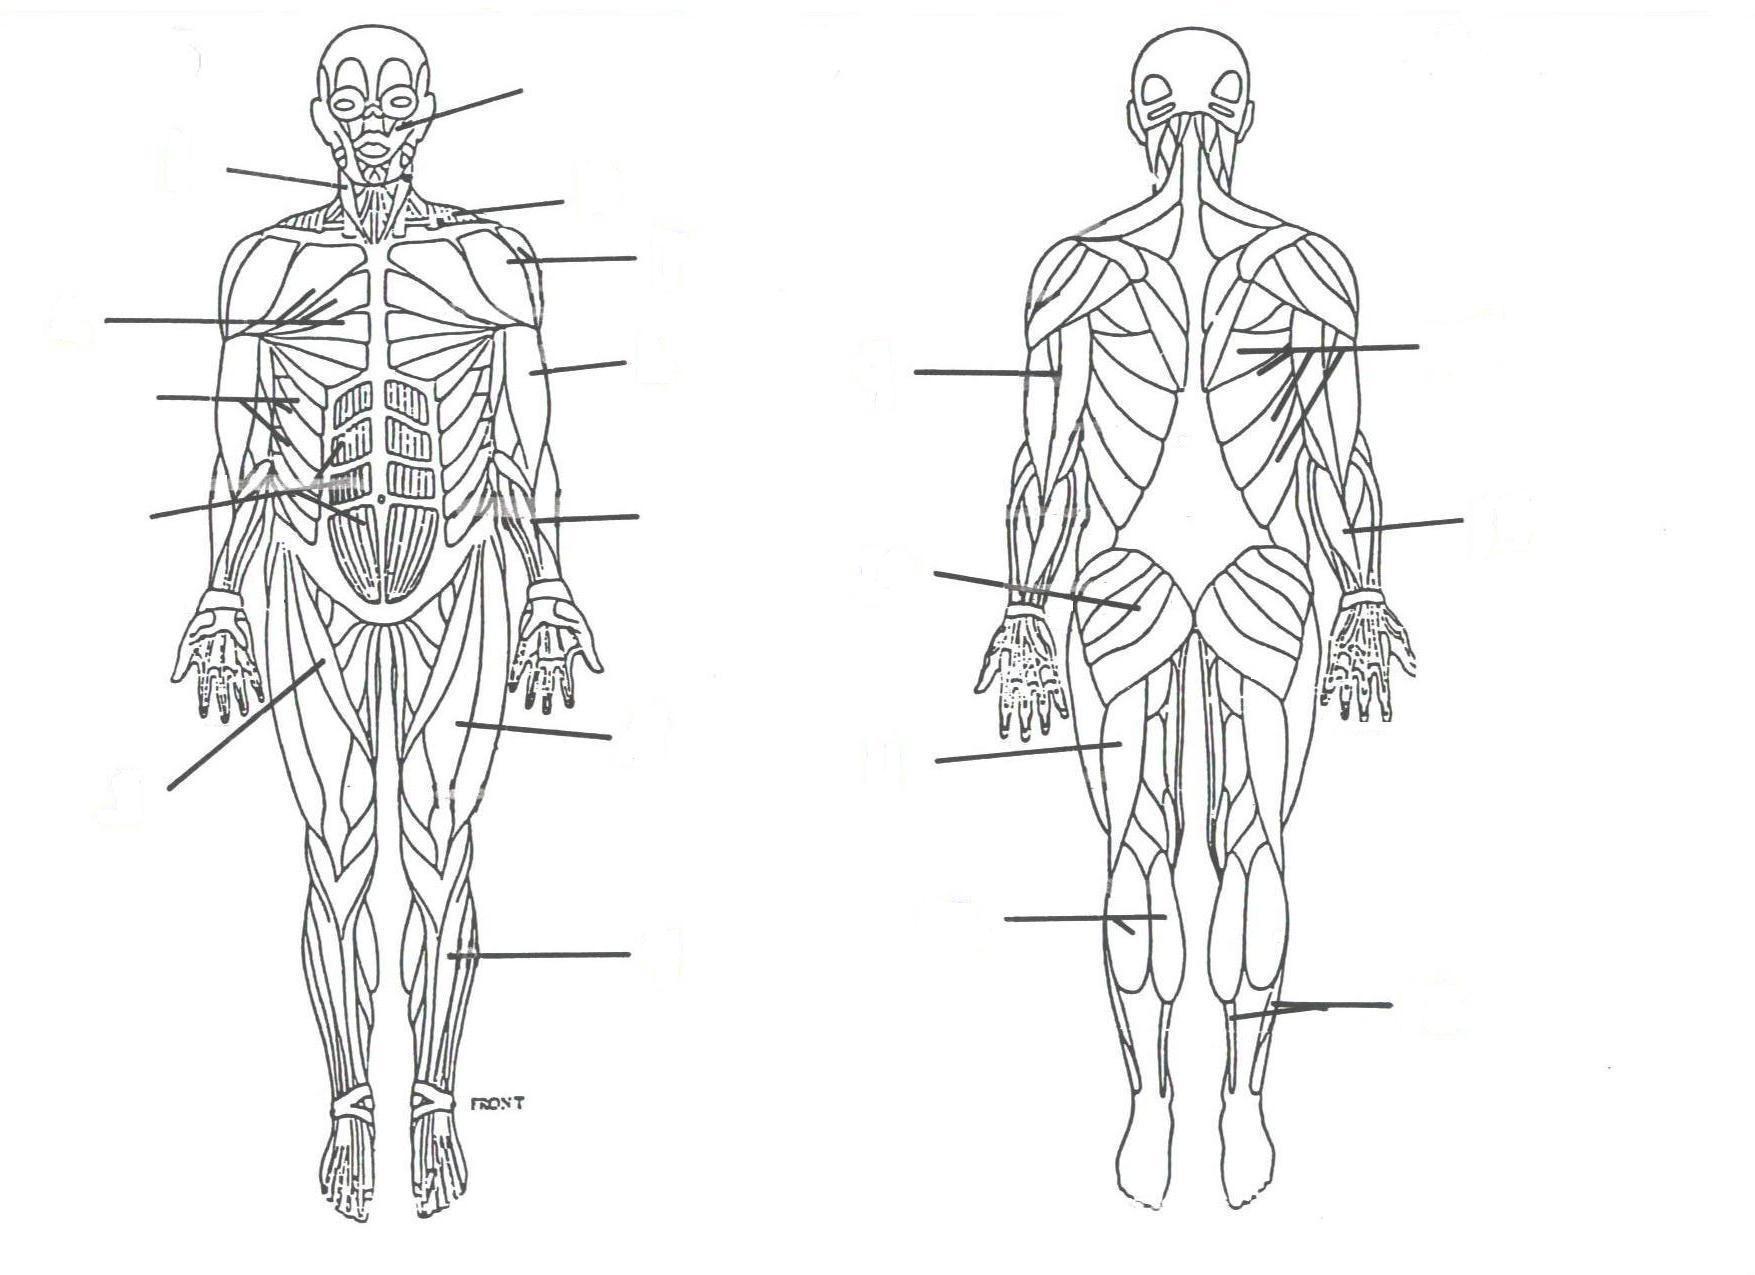 medium resolution of muscular system diagram labeled for kids muscular system diagram labeled for kids muscular system diagram